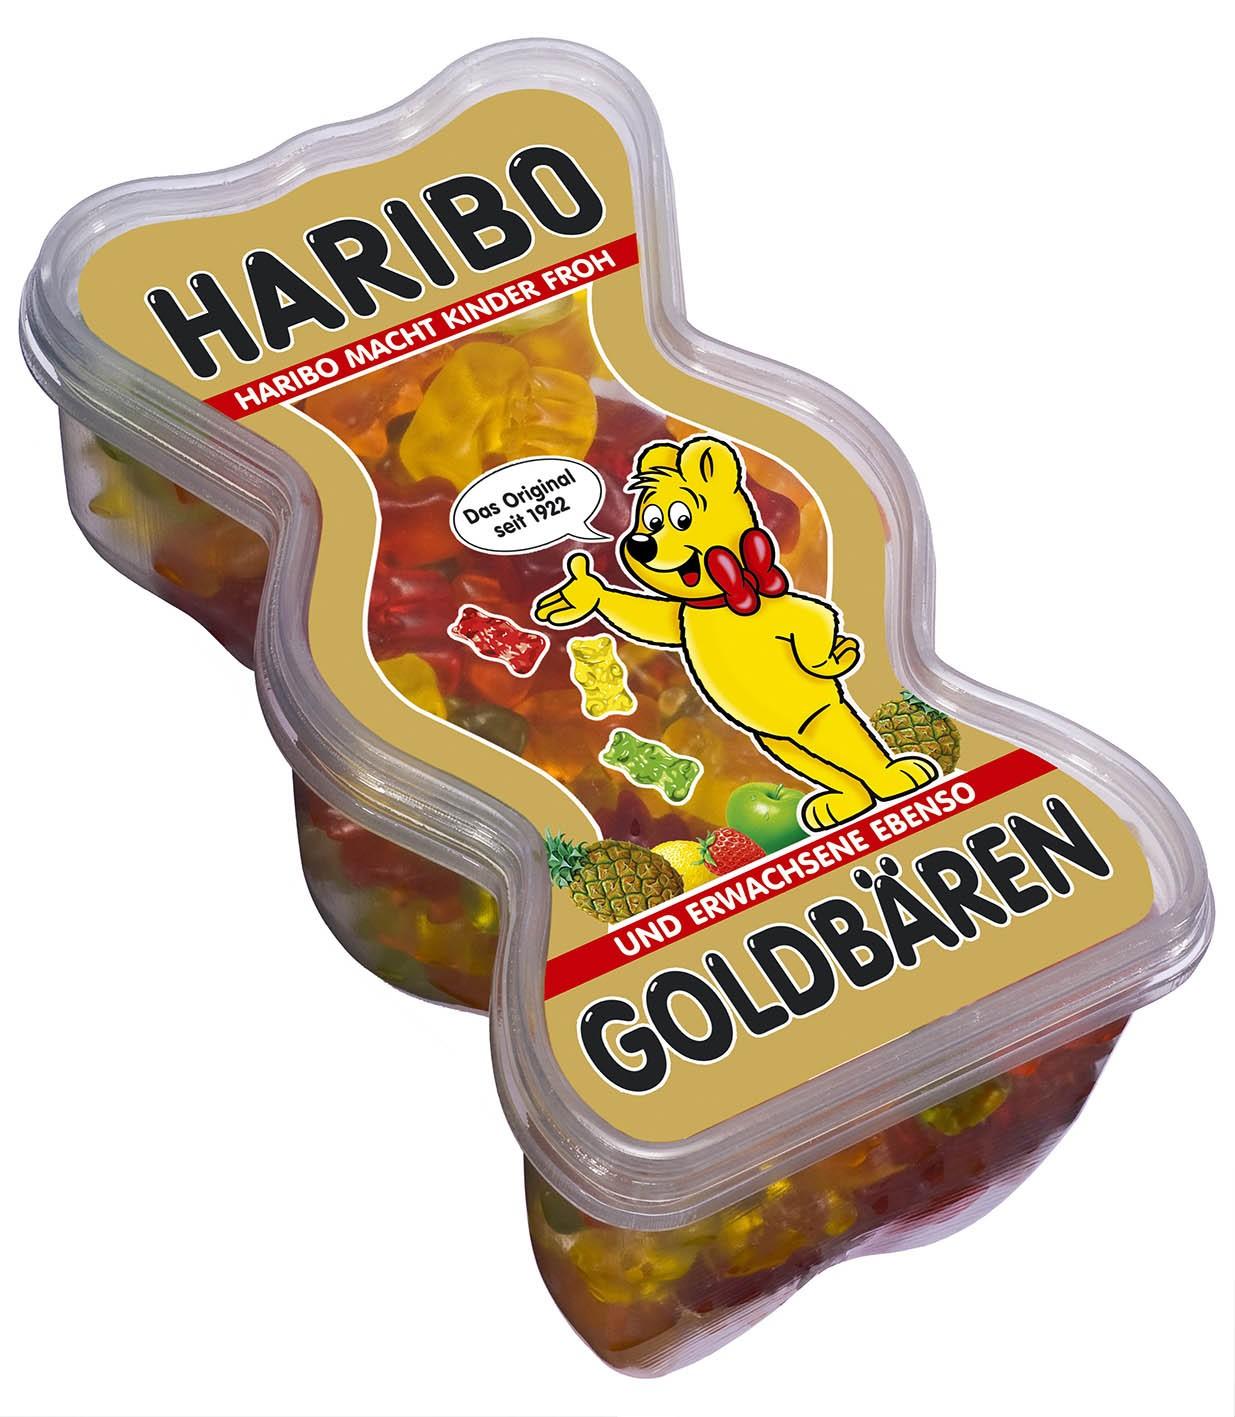 Haribo Goldbären Dose - Želé bonbóny v dóze ve tvaru medvídka 450g